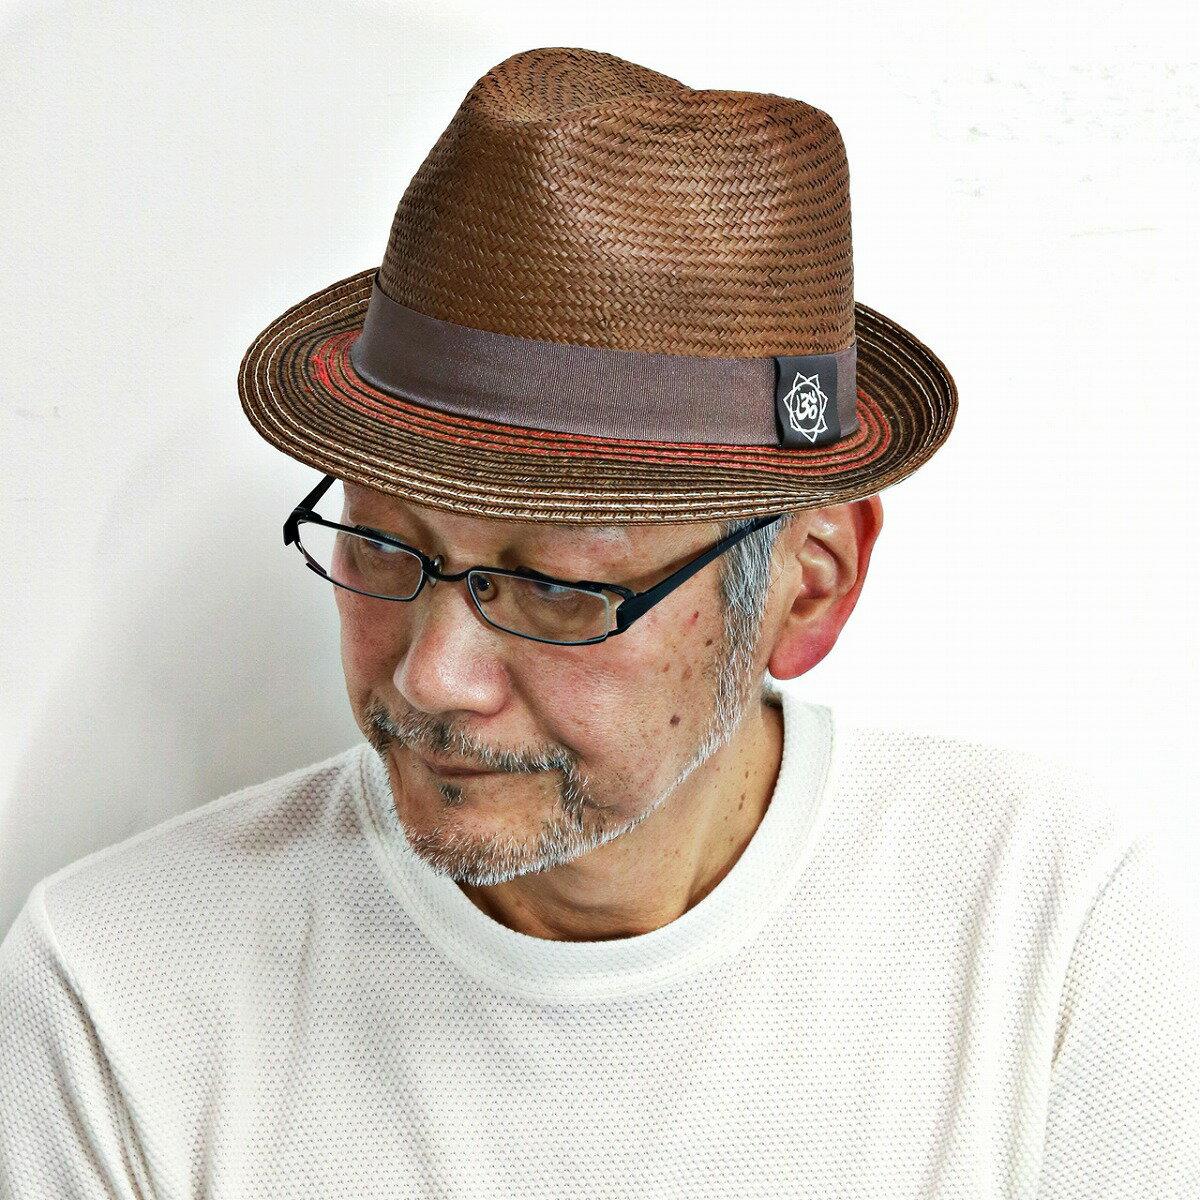 帽子 ハット メンズ カルロスサンタナ 中折れハット ストローハット Holistic ブラウン 茶 男性 ギフト アウトドア [fedora] [straw hat] 送料無料(紳士帽子 中折れ メンズハット 中折れ帽子 ストロー おしゃれ 通販 40代 50代 60代 ファッション ブランド帽子 ぼうし)